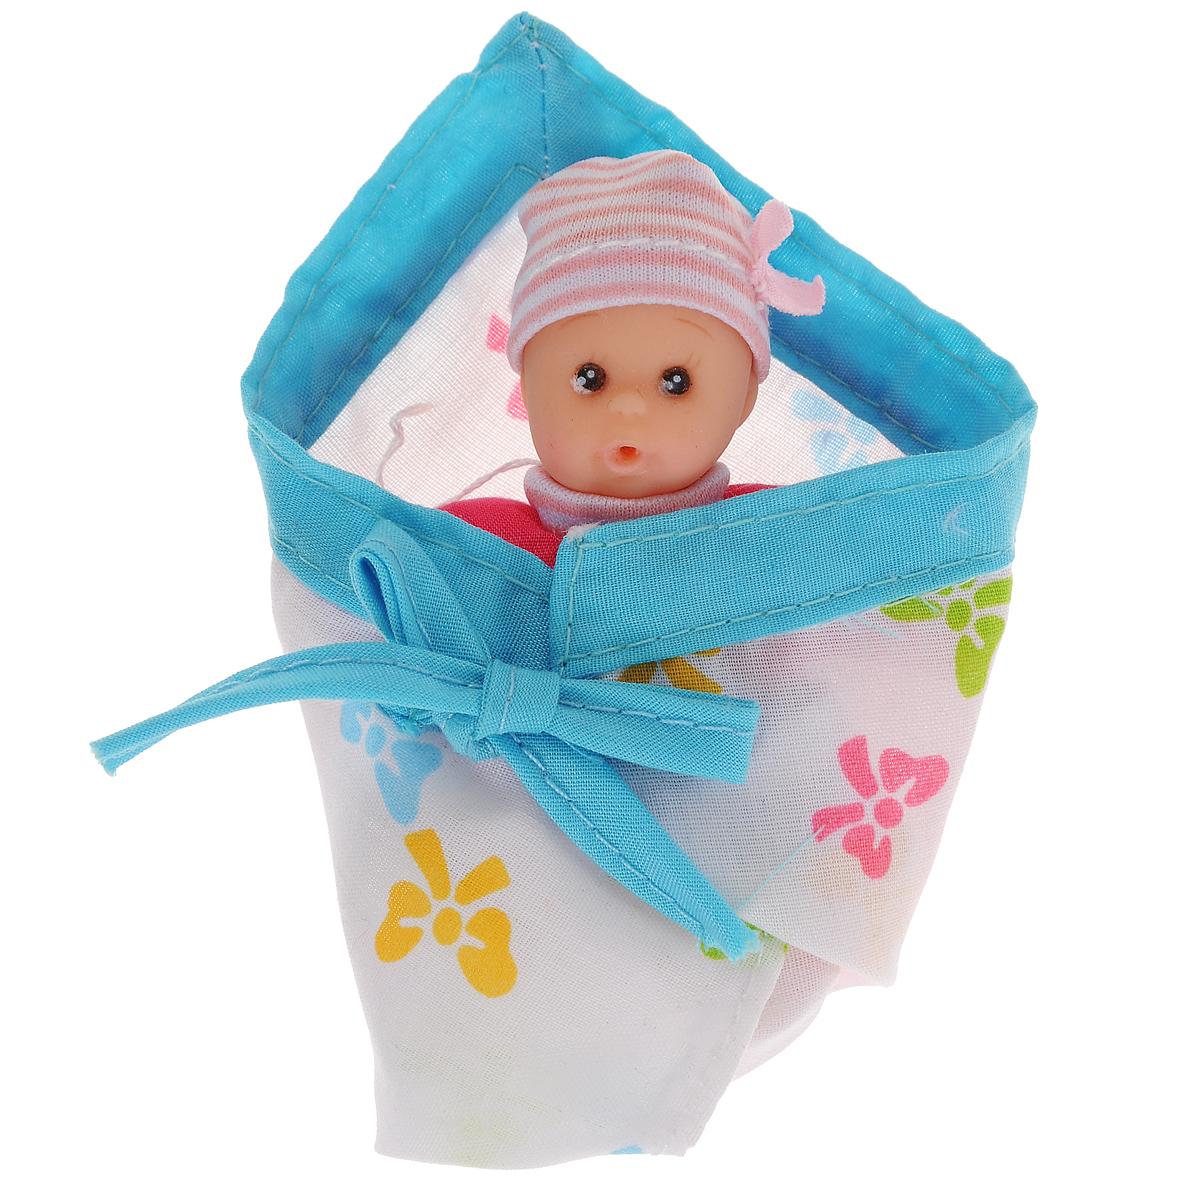 Пупс Simba New Born Laura, цвет: голубой5016668Пупс Simba New Born Laura непременно приведет в восторг вашу дочурку. Голова пупса выполнена из прочного пластика, а тело - мягконабивное. Очаровательный малыш одет в розовый комбинезон, на голове у него - чепчик в полоску. В комплект входит конверт для малыша на завязках. Игры с куклами способствуют эмоциональному развитию, помогают формировать воображение и художественный вкус, а также разовьют в вашей малышке чувство ответственности и заботы. Великолепное качество исполнения делают эту куколку чудесным подарком к любому празднику.